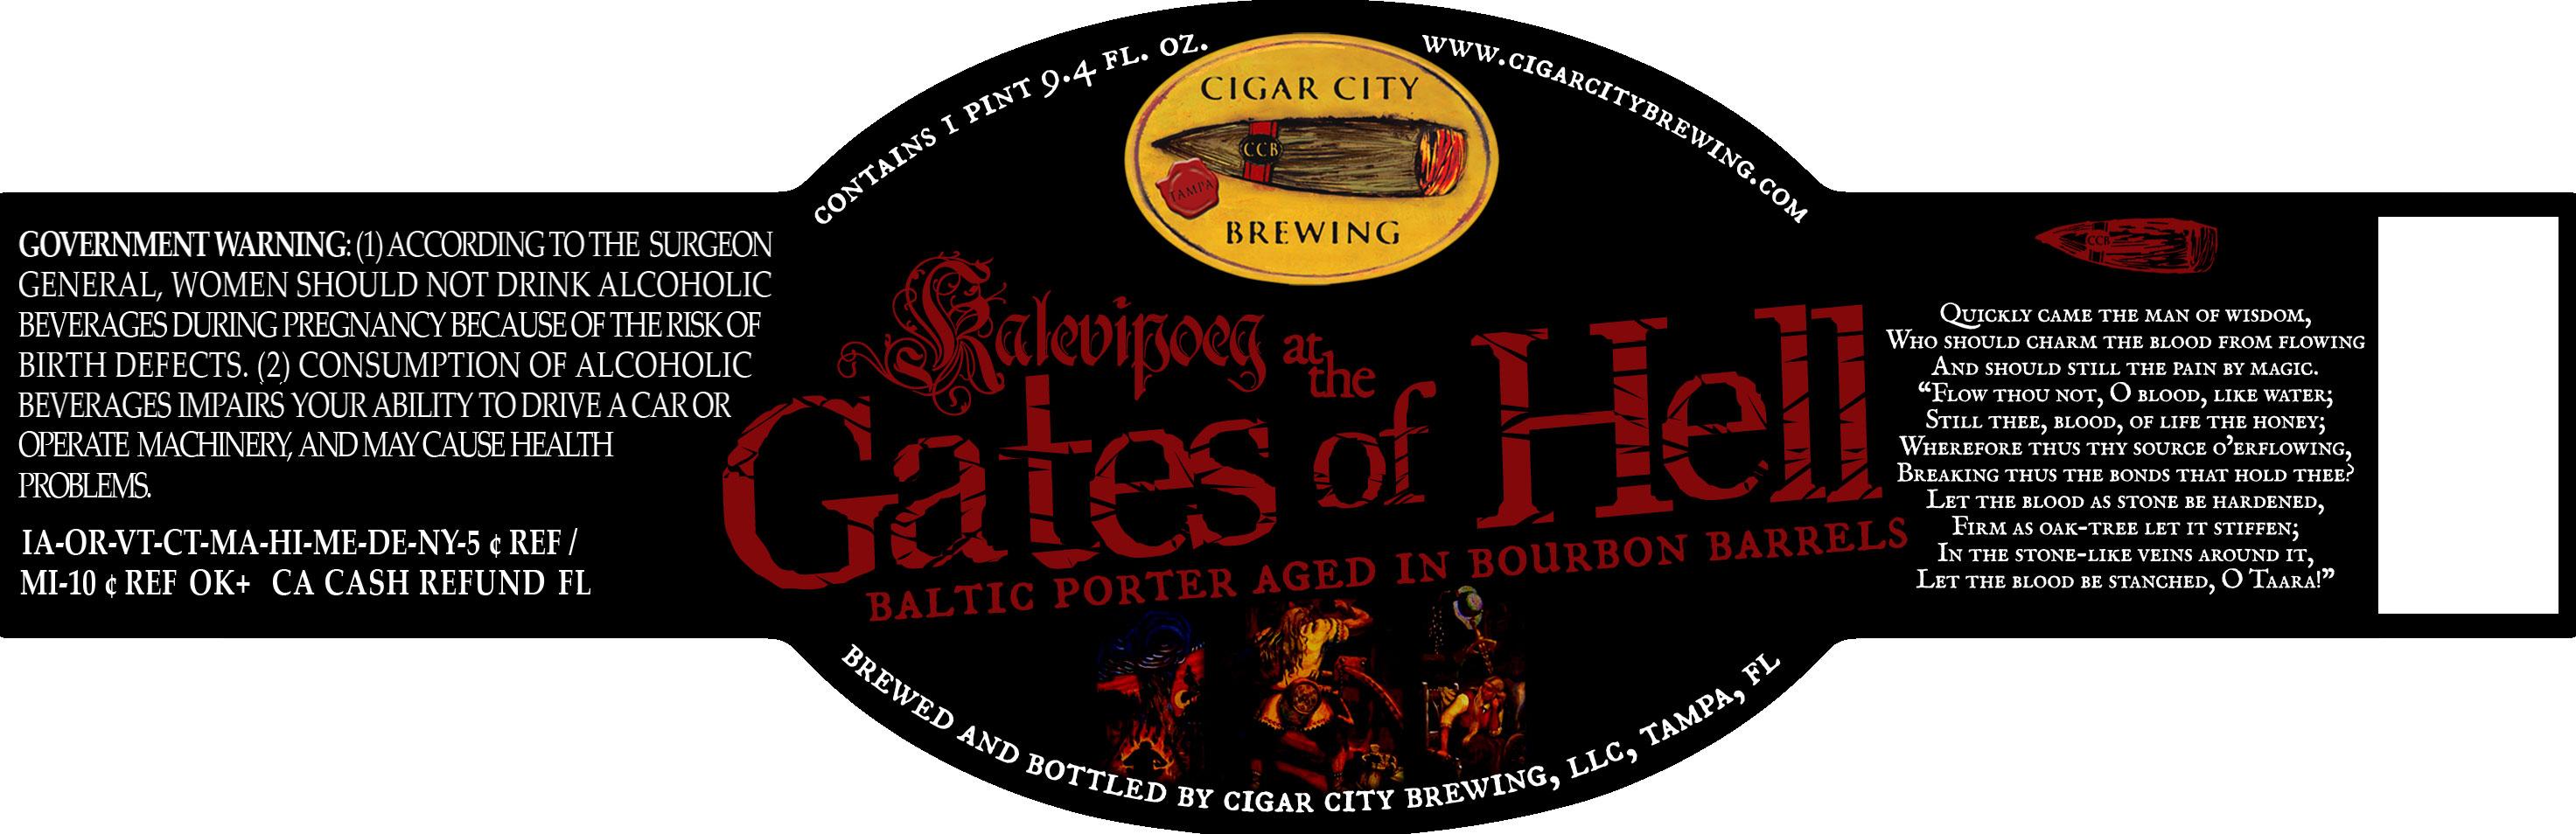 Cigar City Kaleviopig At The Gates of Hell